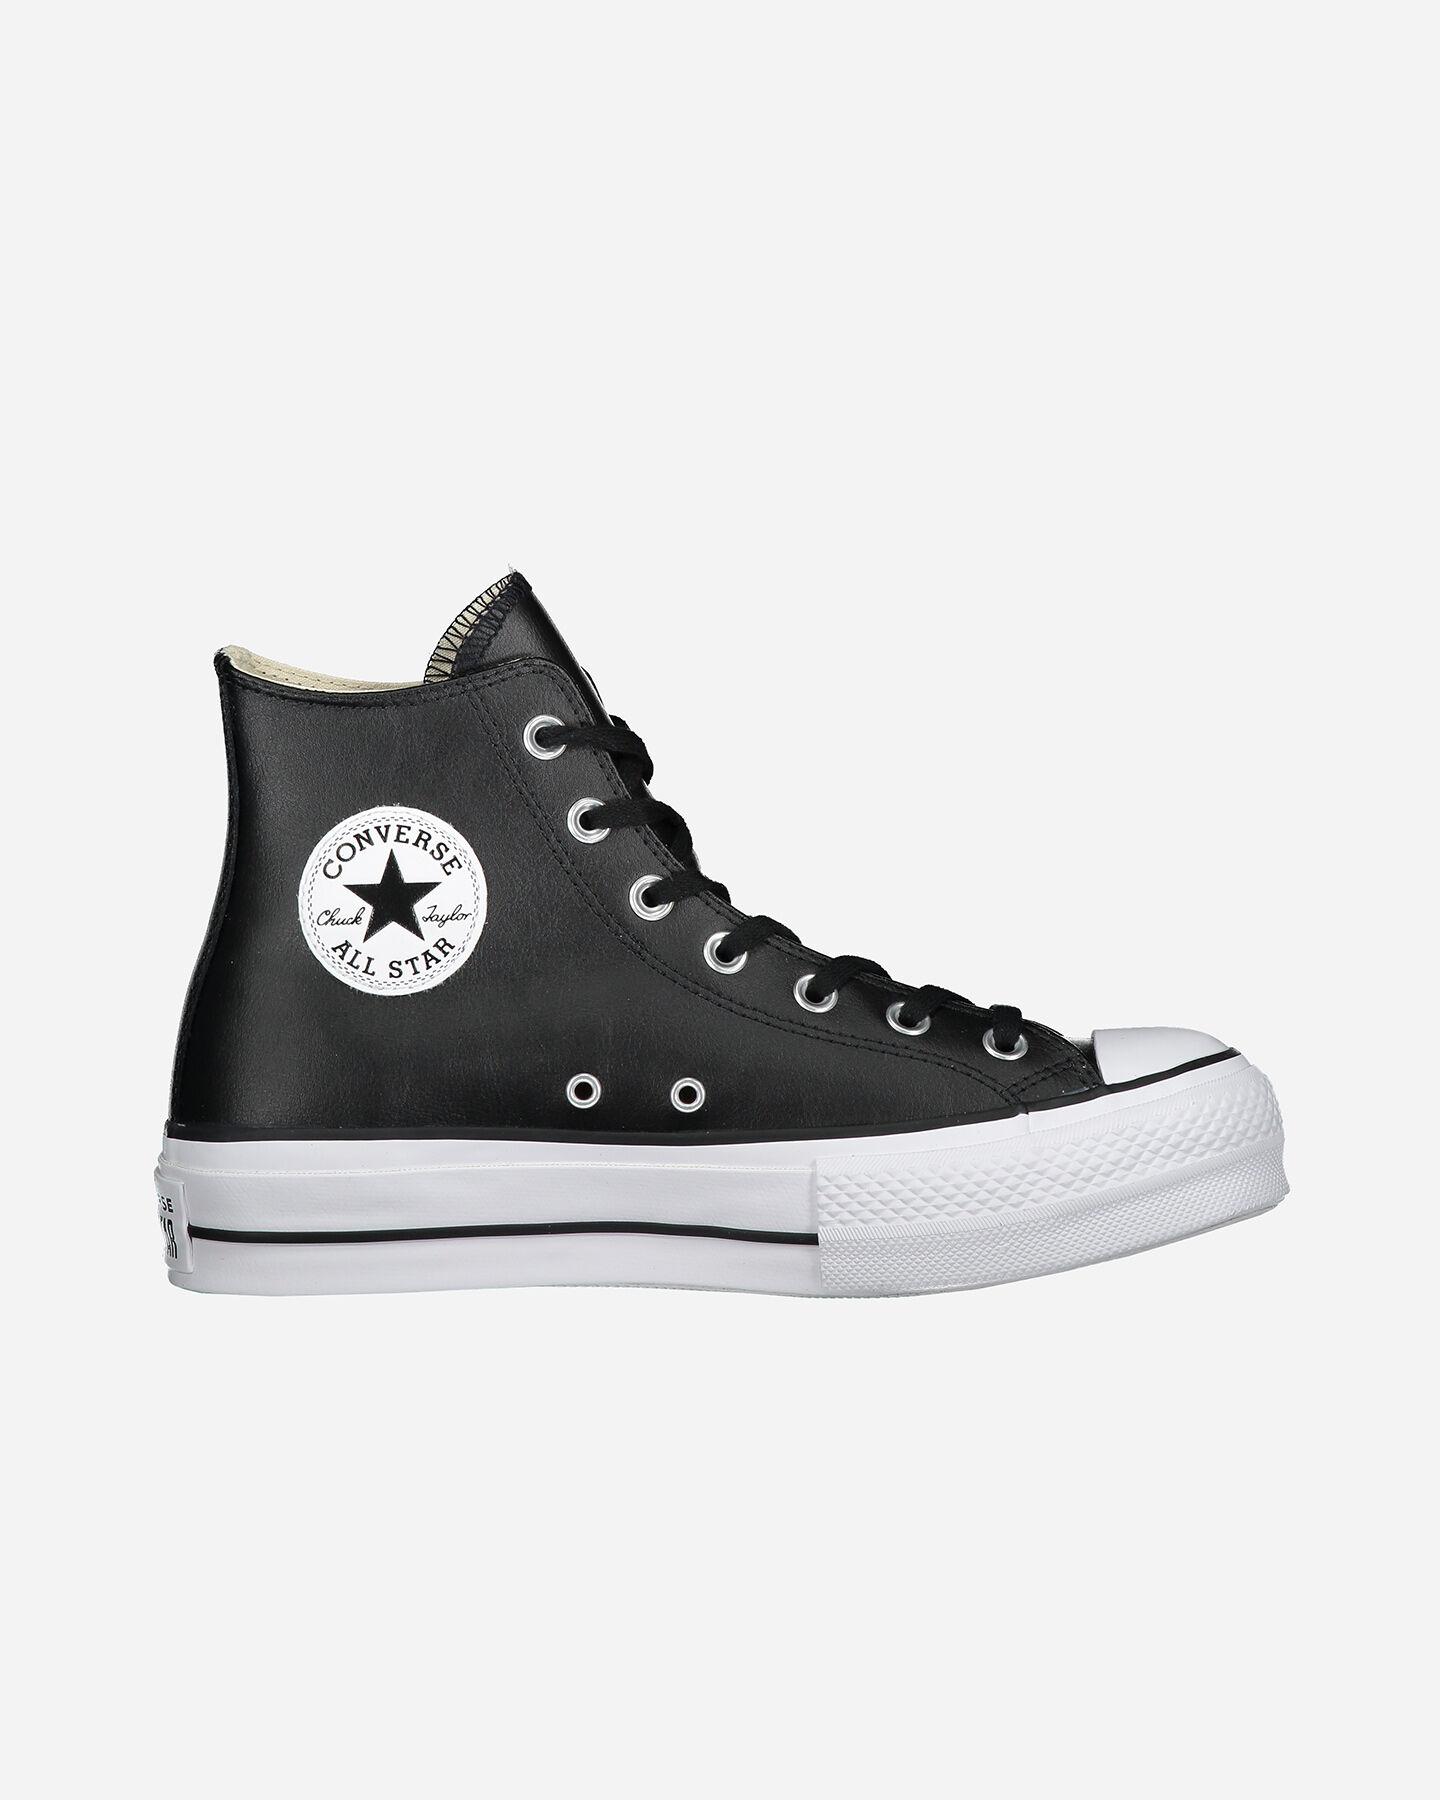 negozi scarpe converse napoli